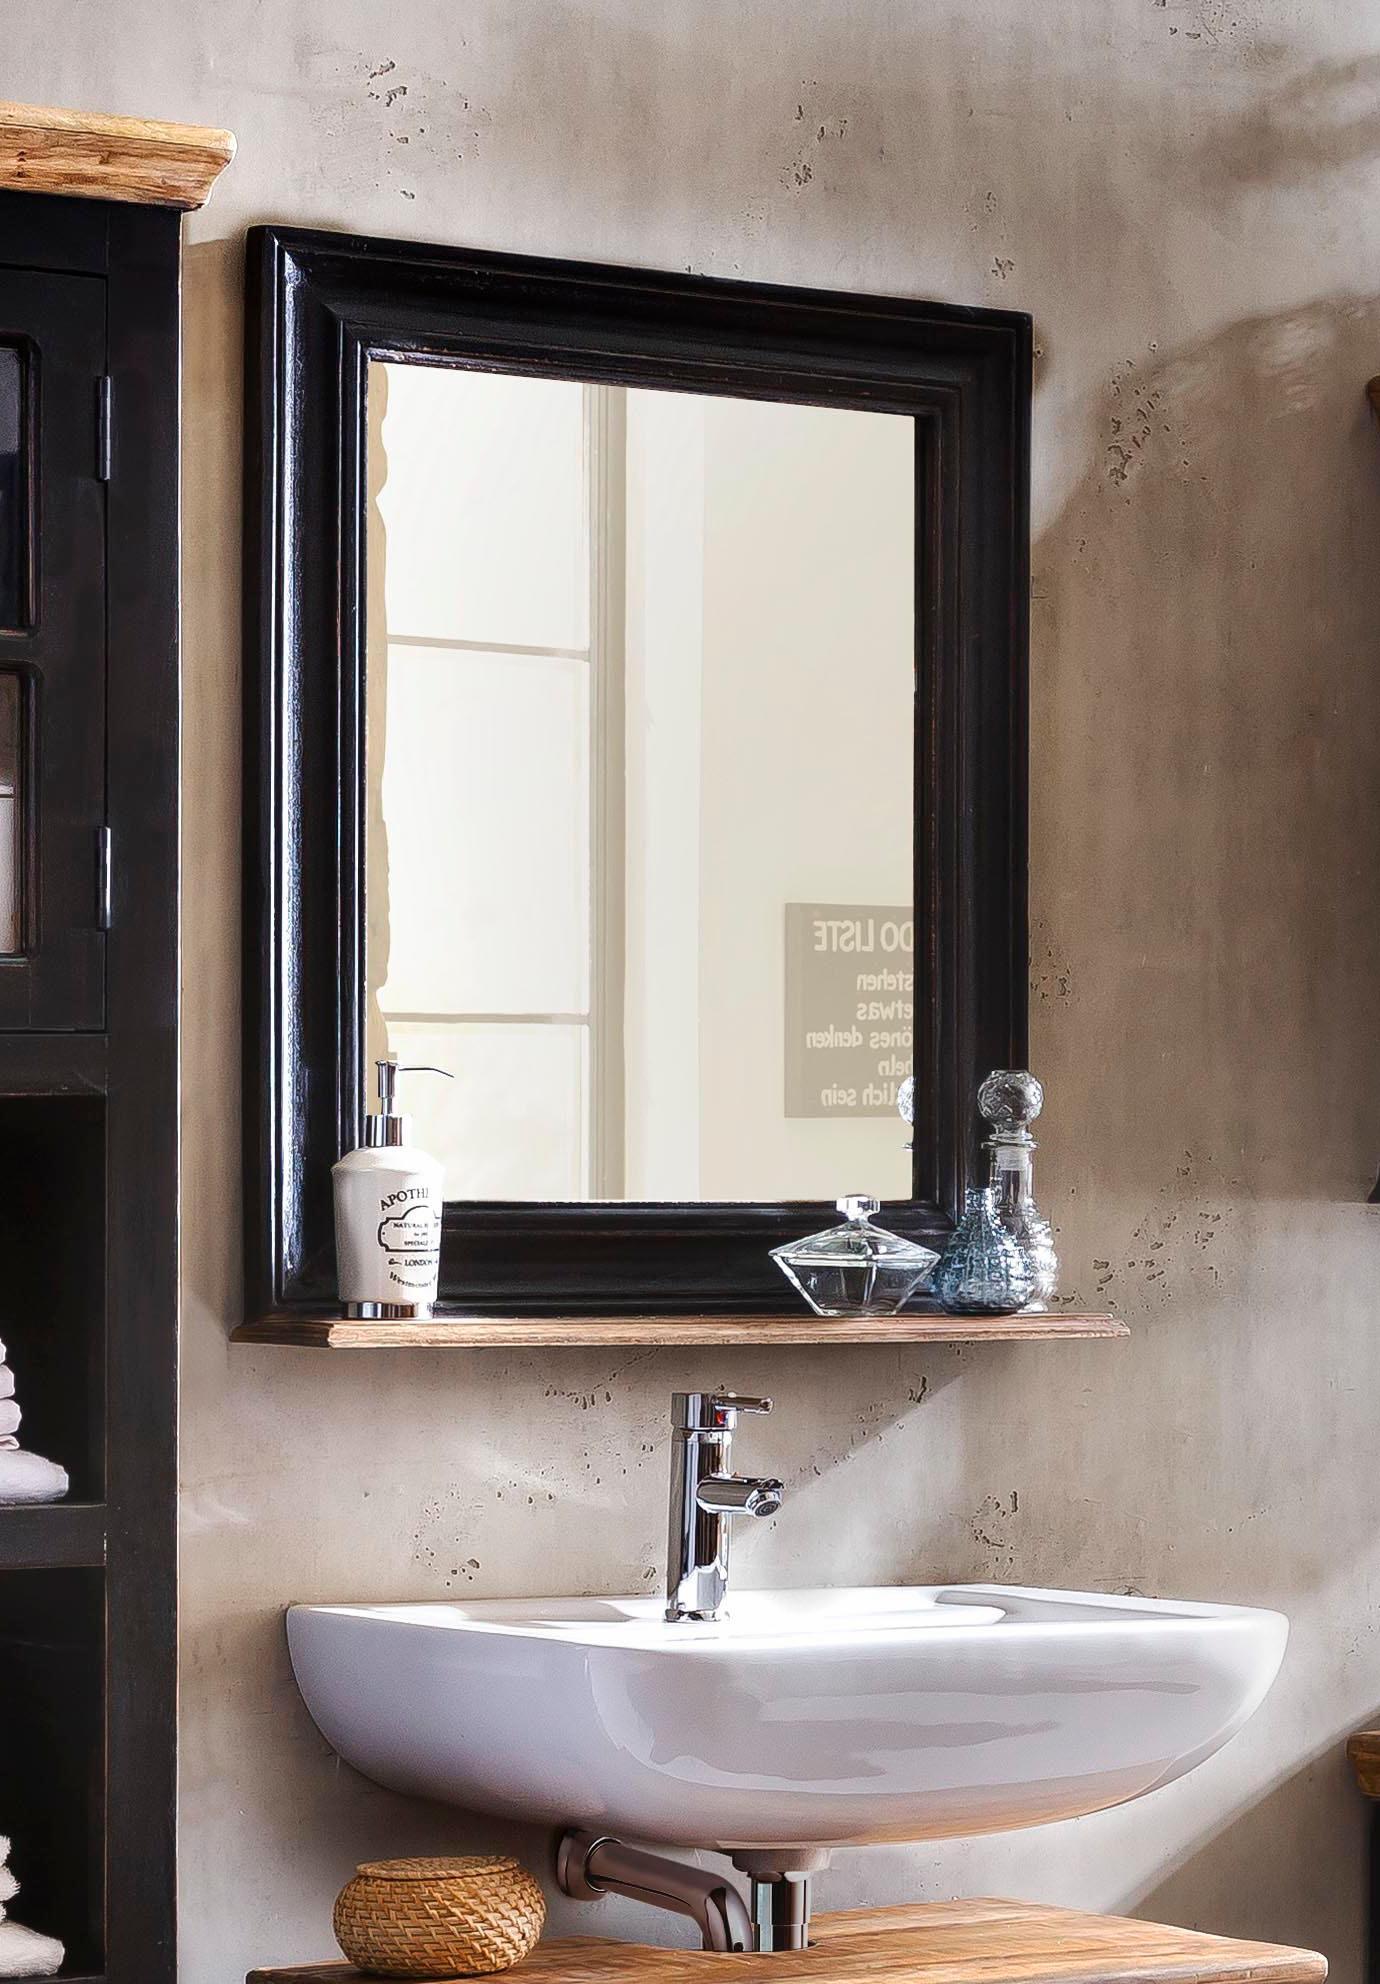 mangoholz Wandspiegel online kaufen | Möbel-Suchmaschine ...